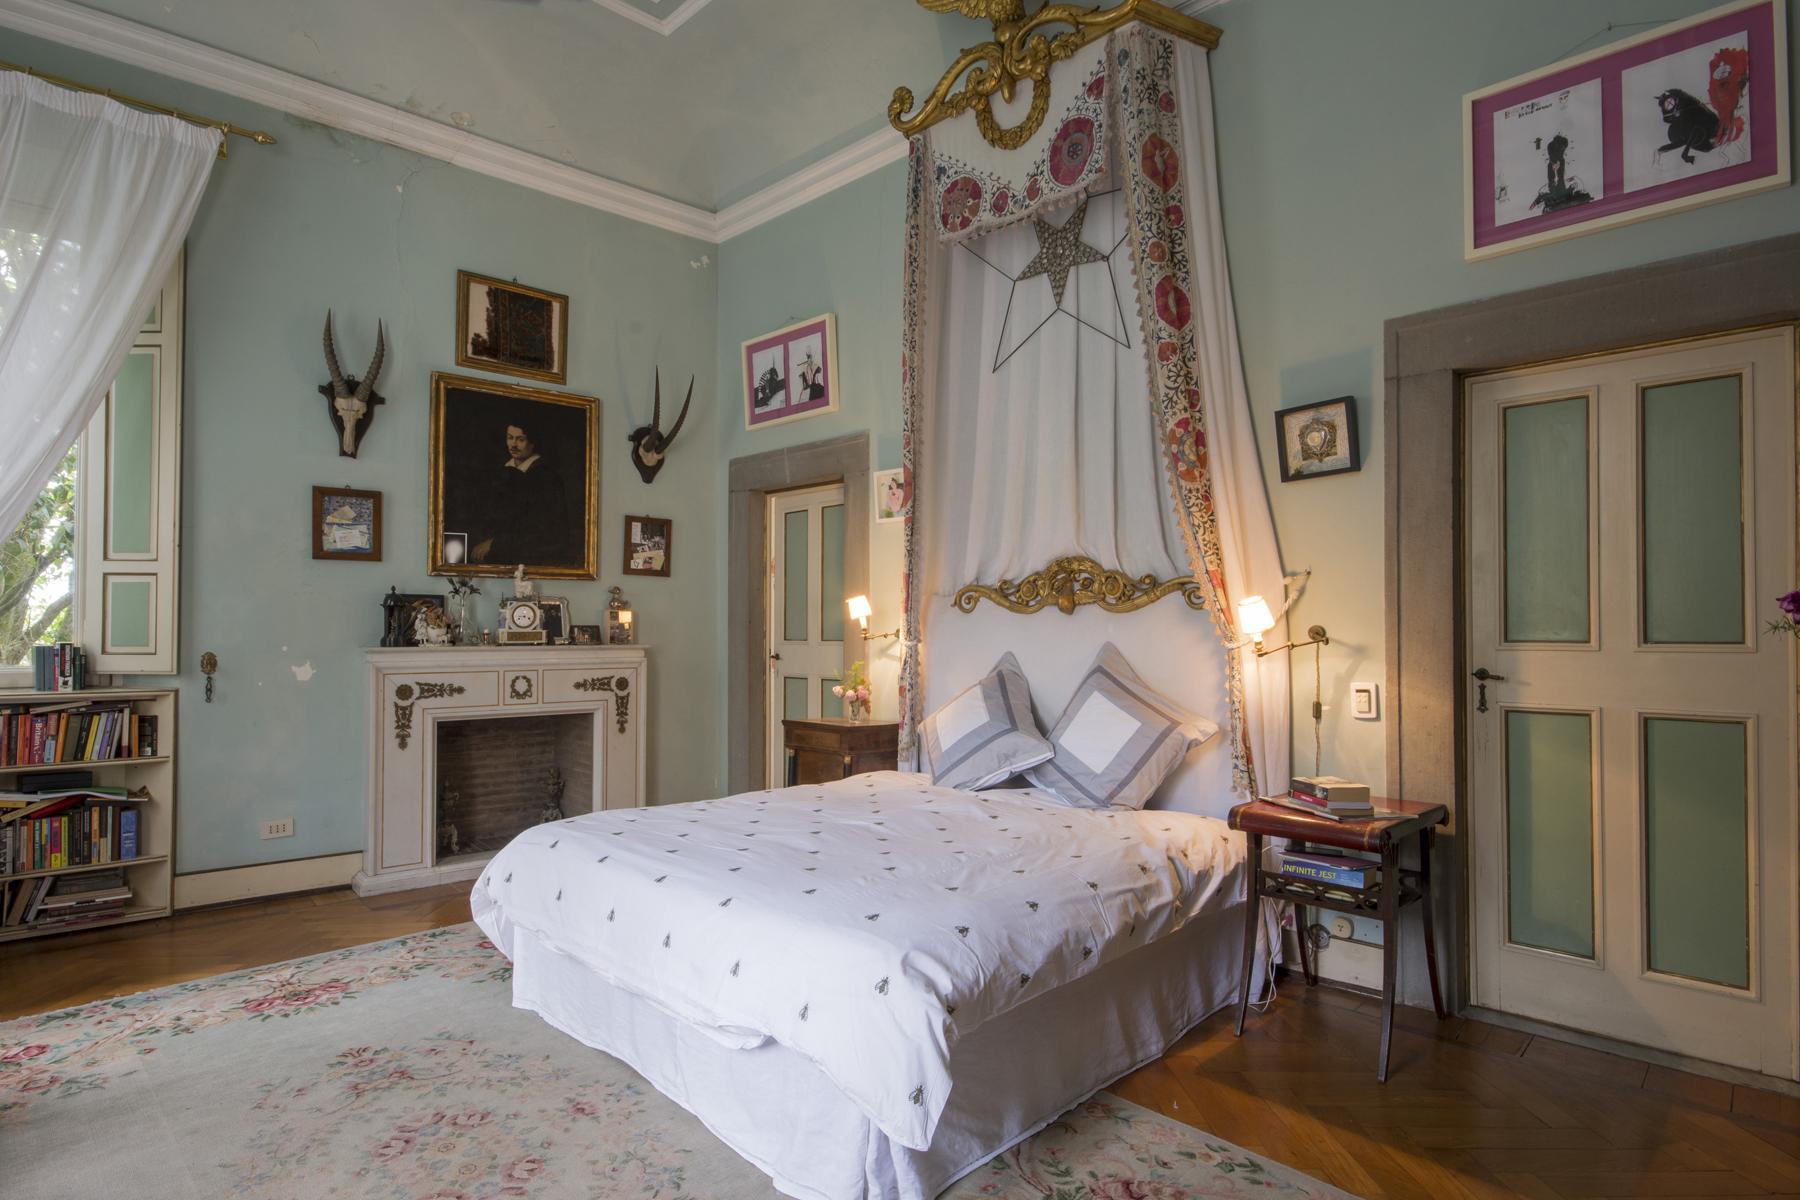 Magnifique villa historique dans la campagne de Lucca - 12